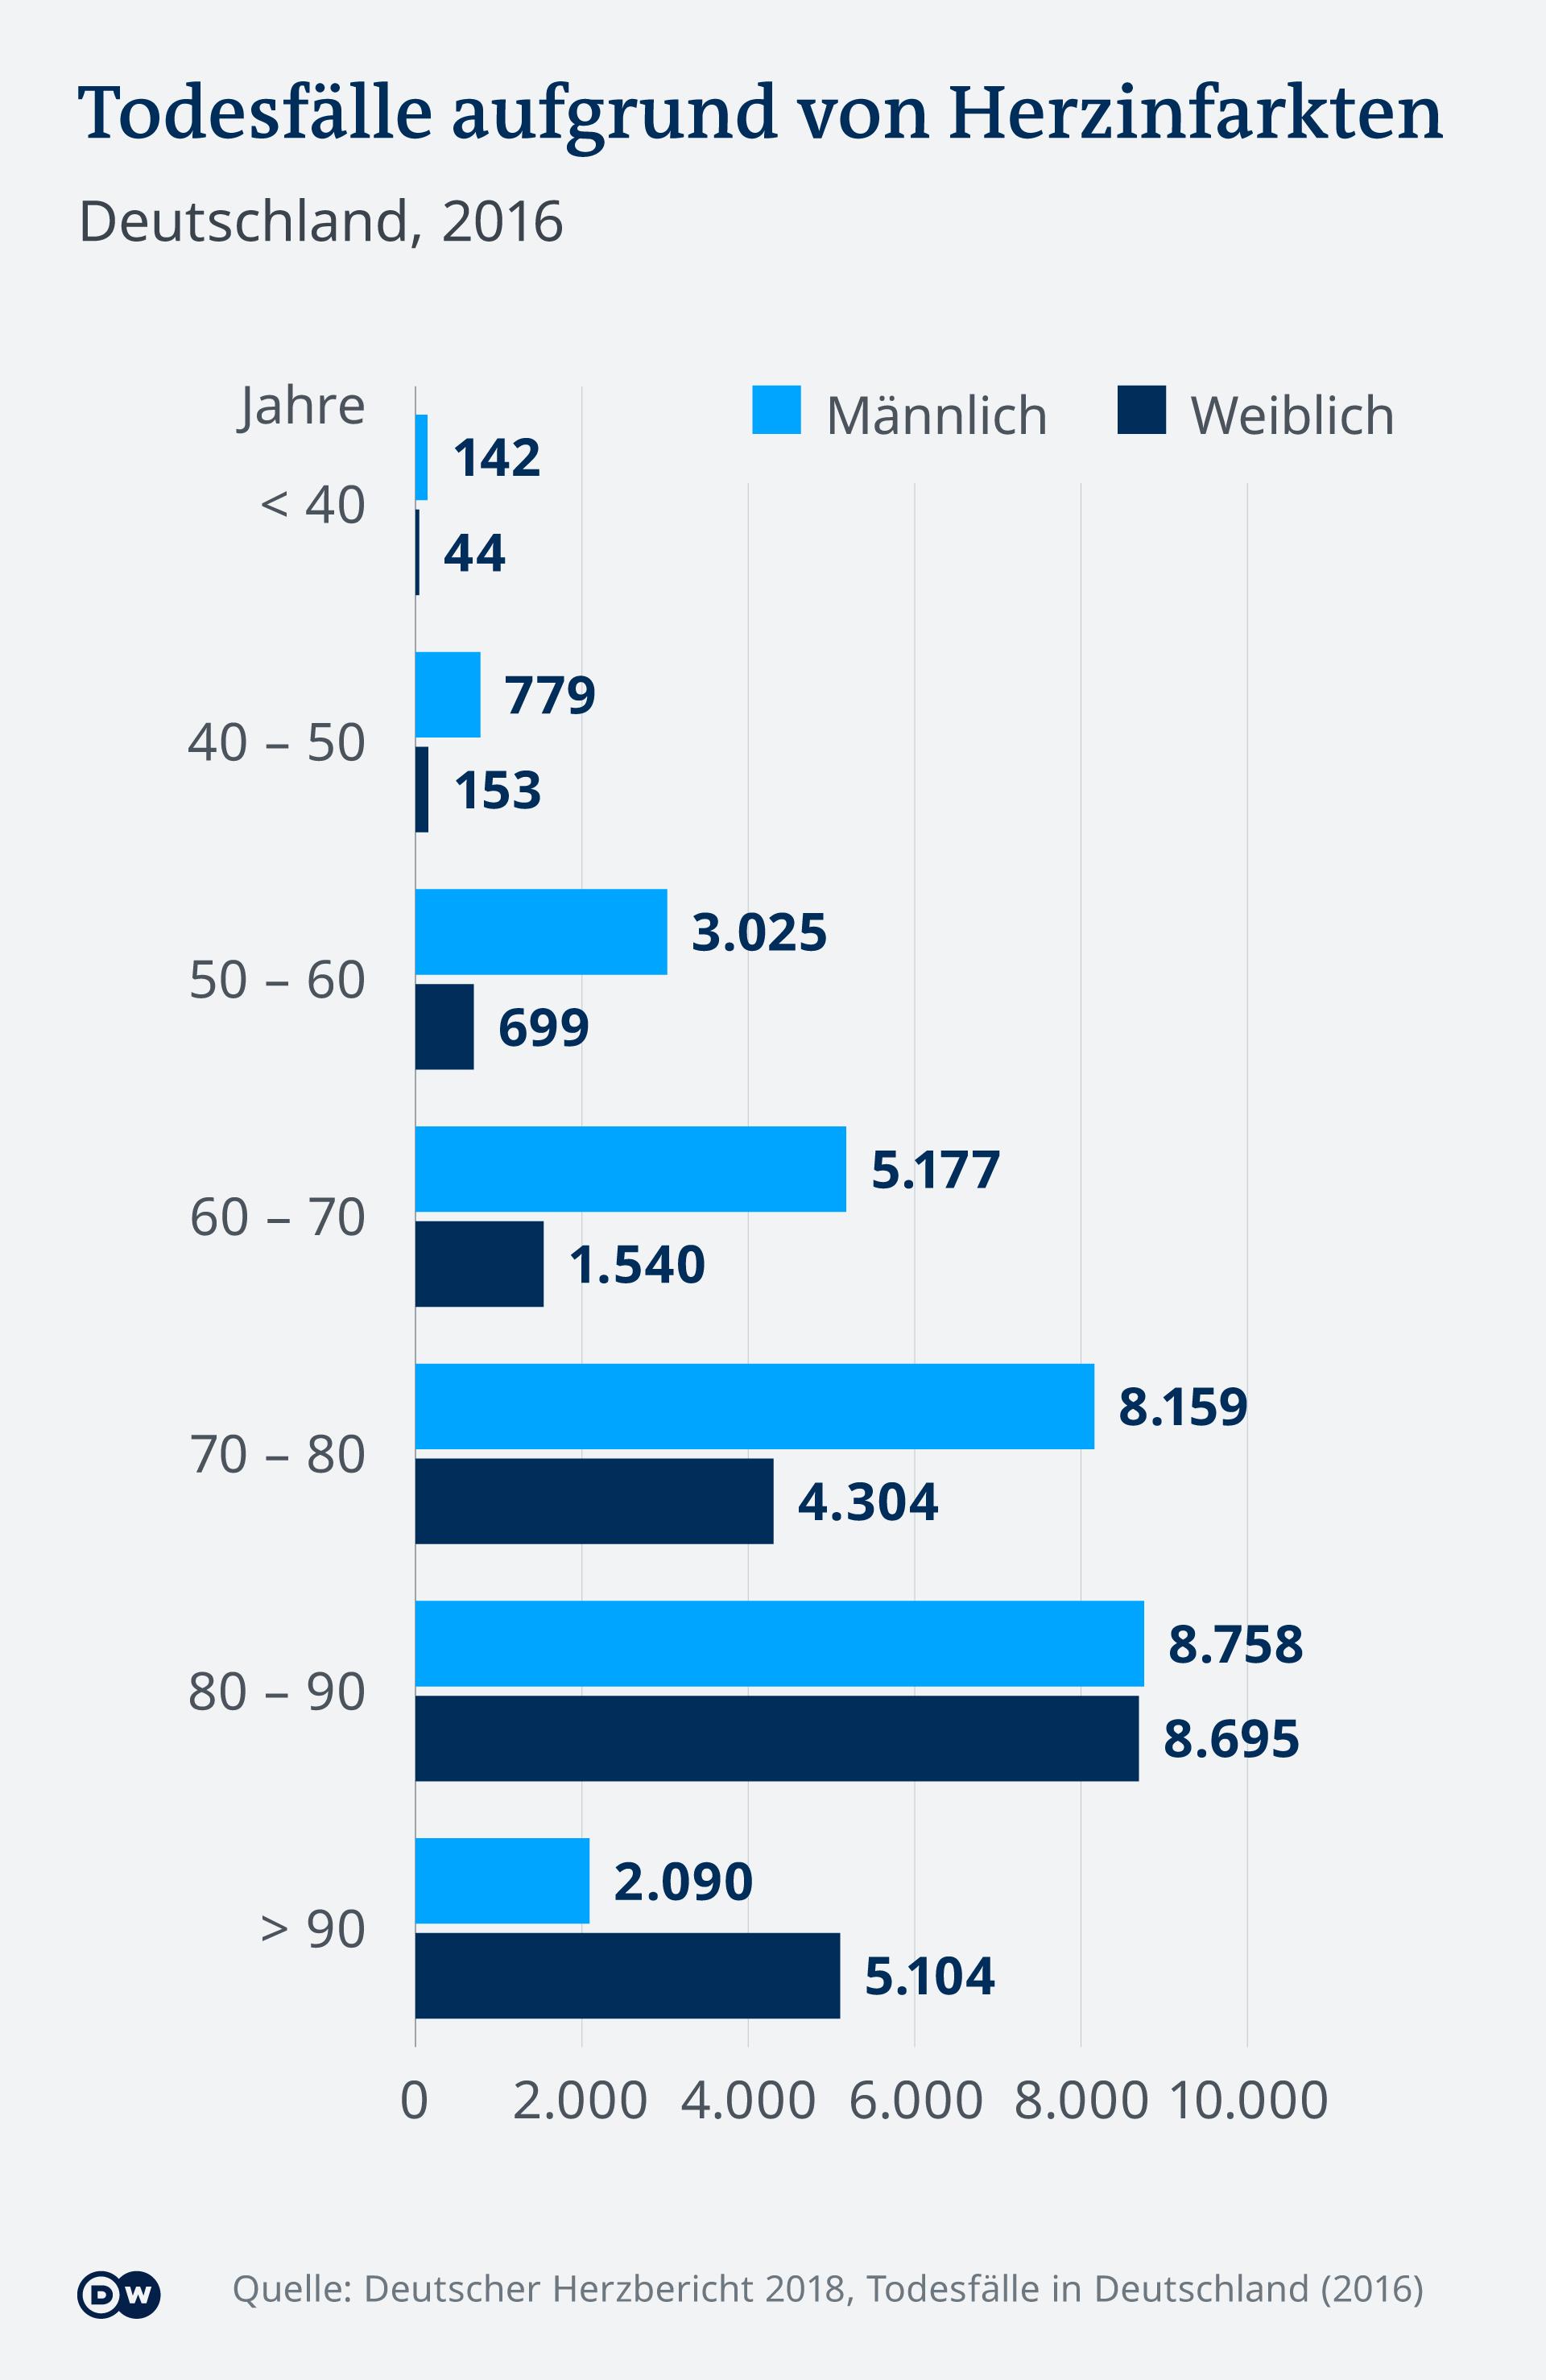 Broj umrlih u Njemačkoj 2016. od srčanog infarkta po starosnoj dobi